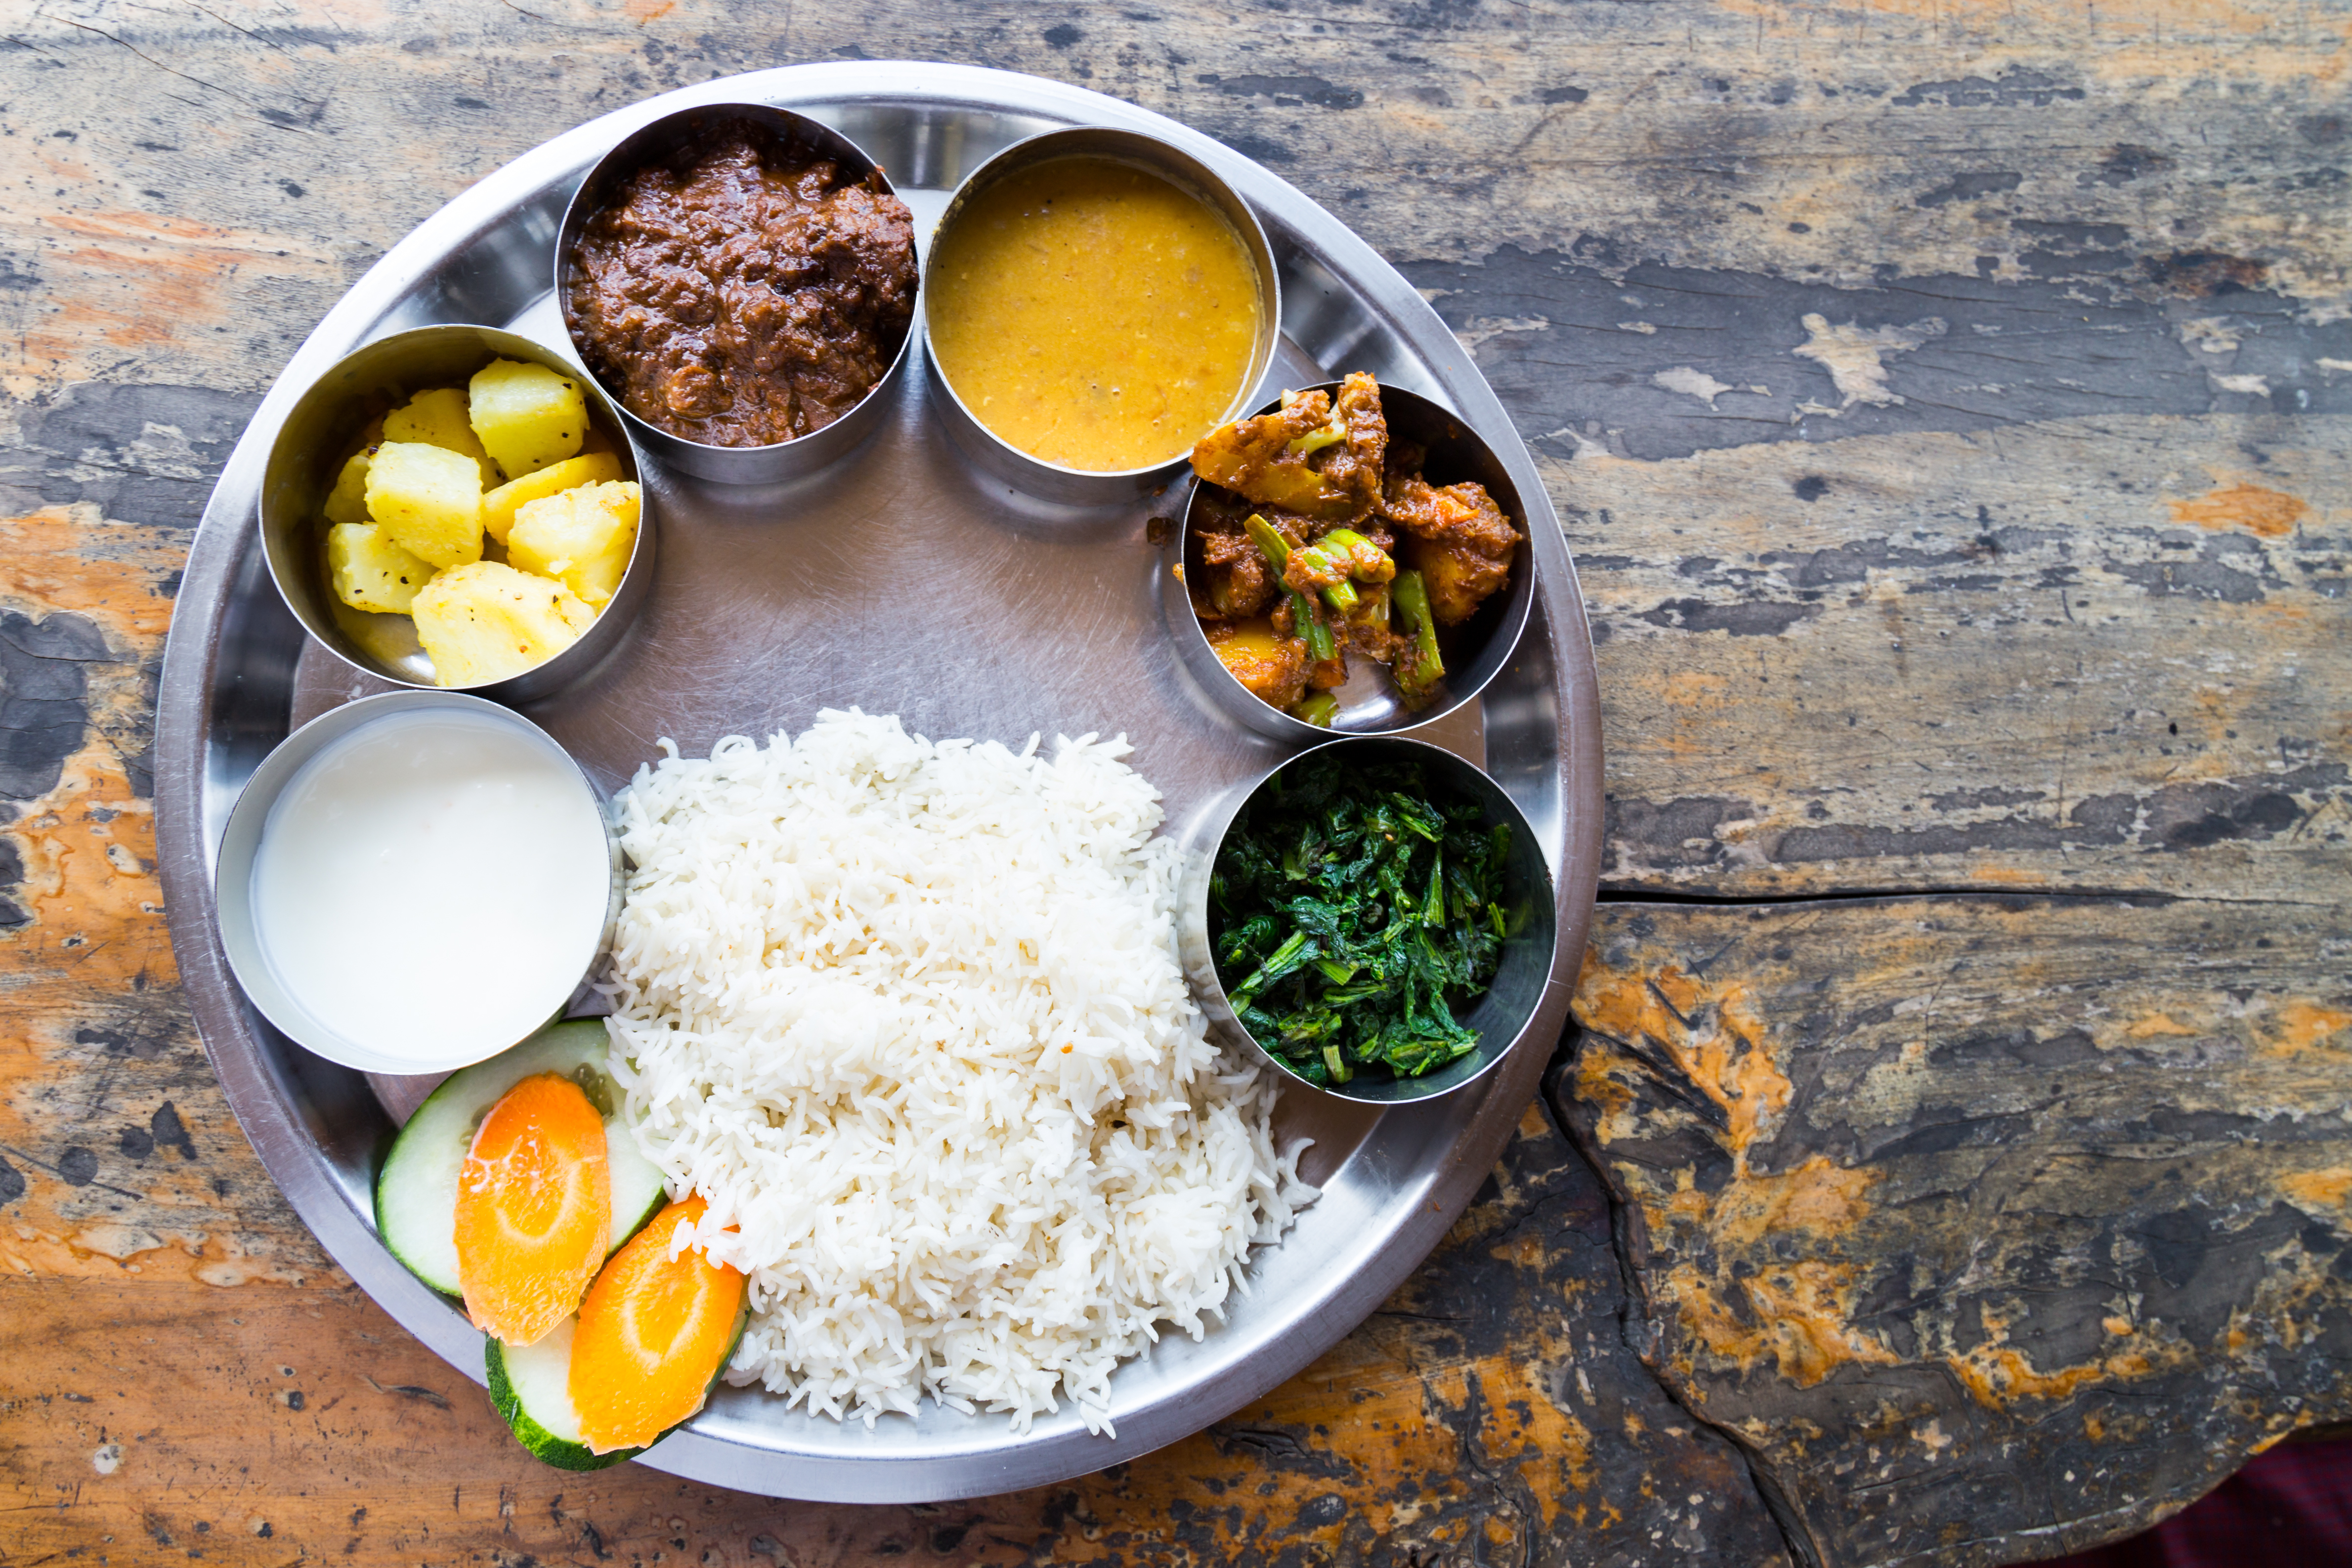 La exótica y sabrosa gastronomía nepalí - Nepal Gran Viaje Nepal clásico